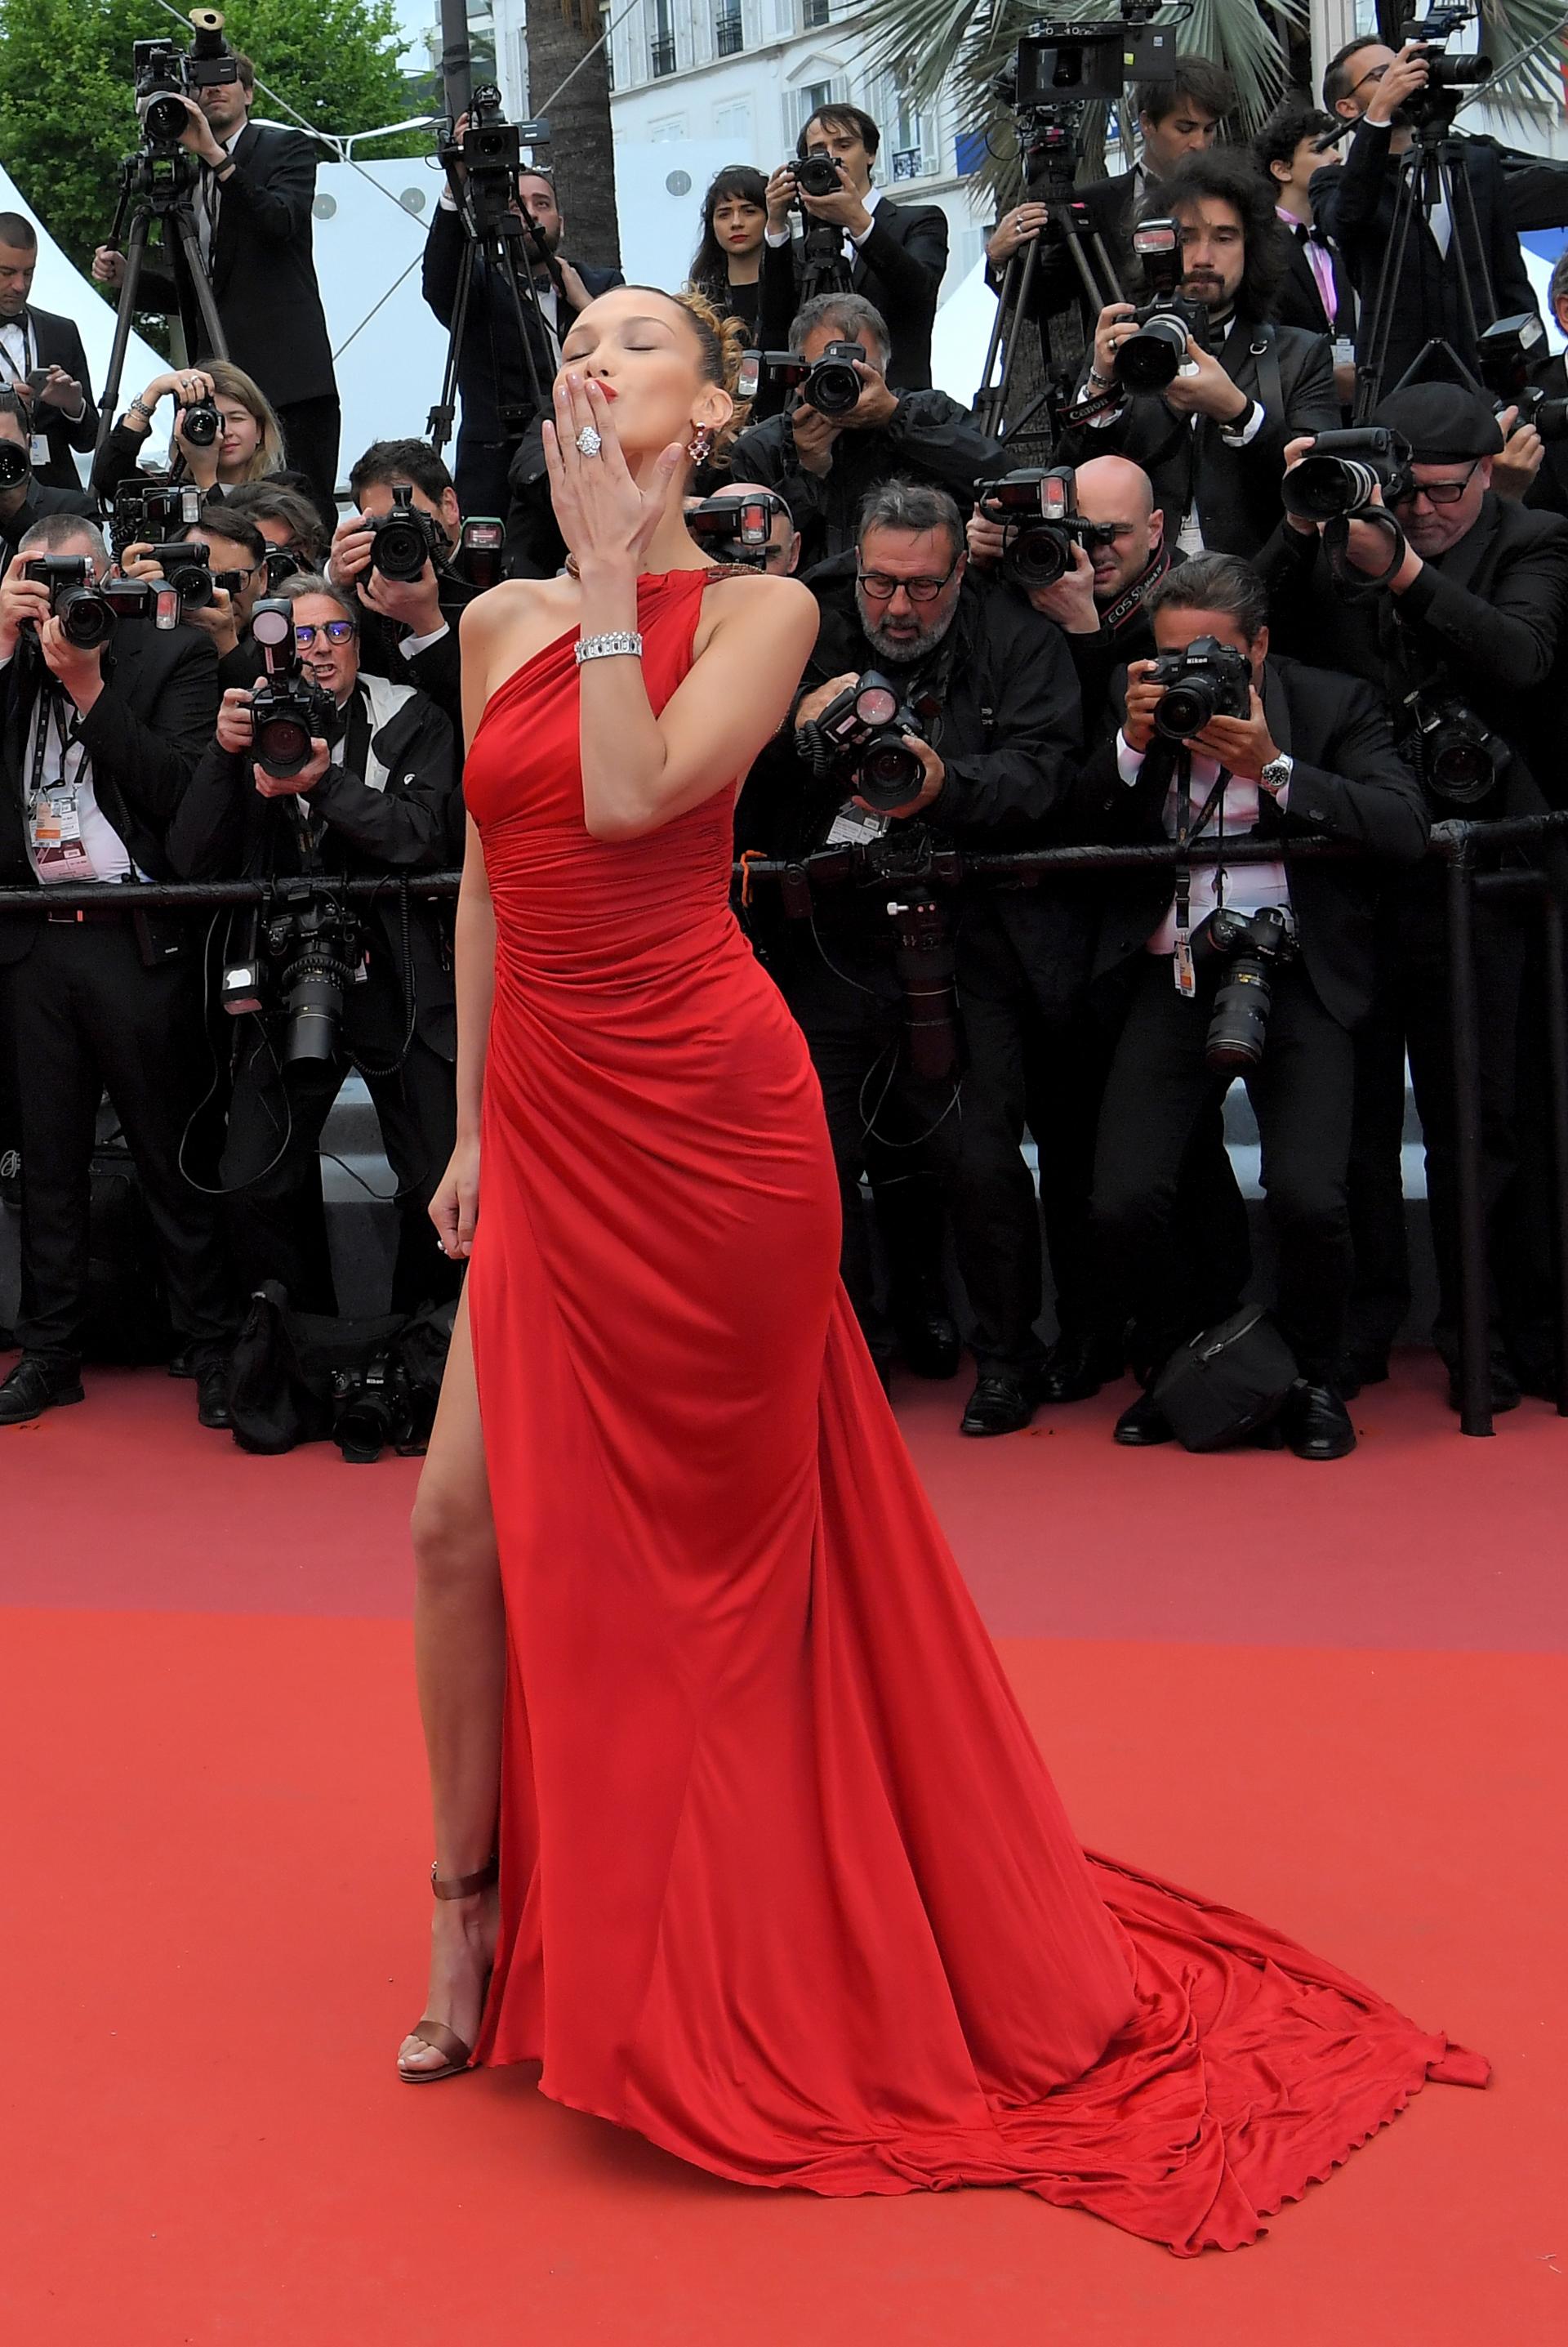 Bella Hadid, una de las invitadas a la red carpet de Cannes lució un vestido rojo de lycra, drapeado súper tajo y cuello halter. Completó el look con joyas de brillantes, anillos, brazaletes y aros gota